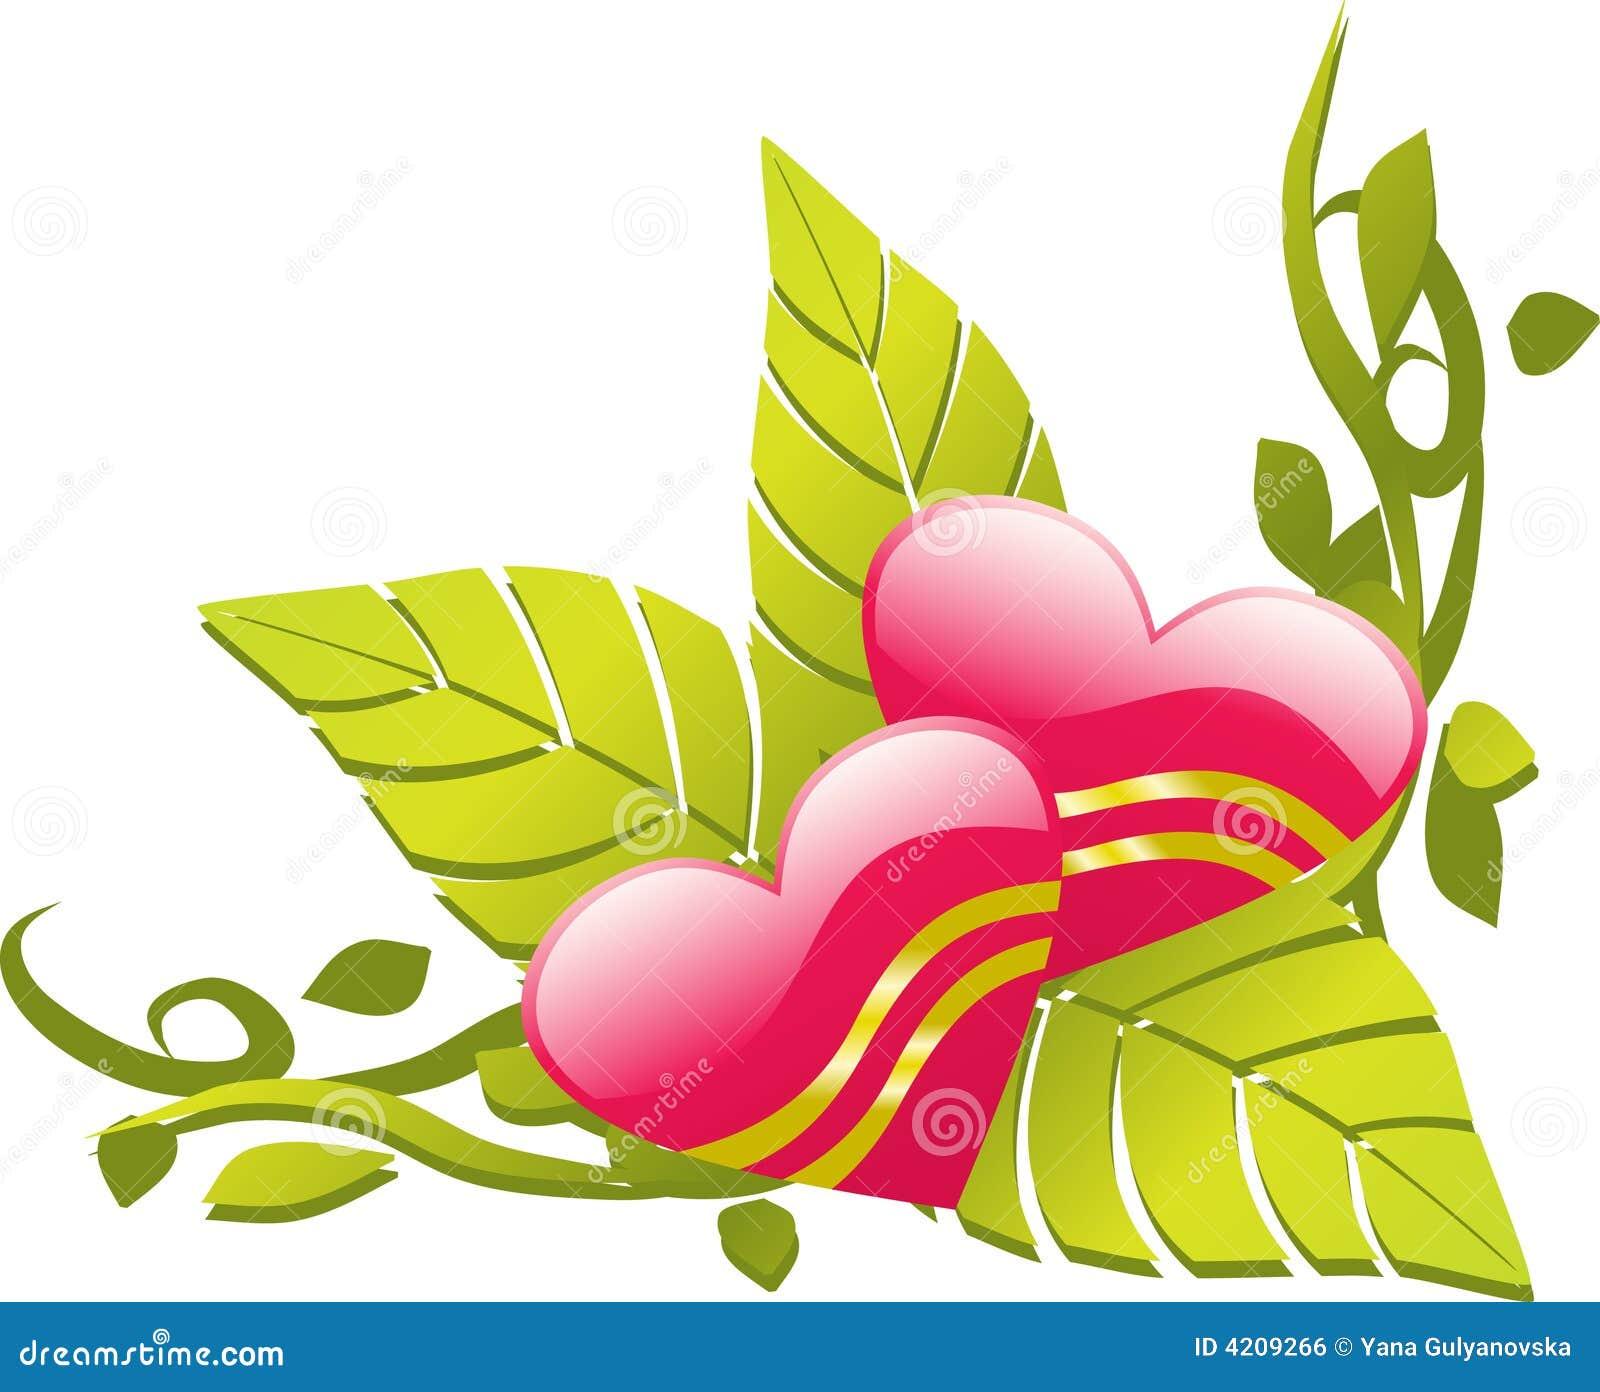 Love Design Floral Corner Stock Vector Illustration Of